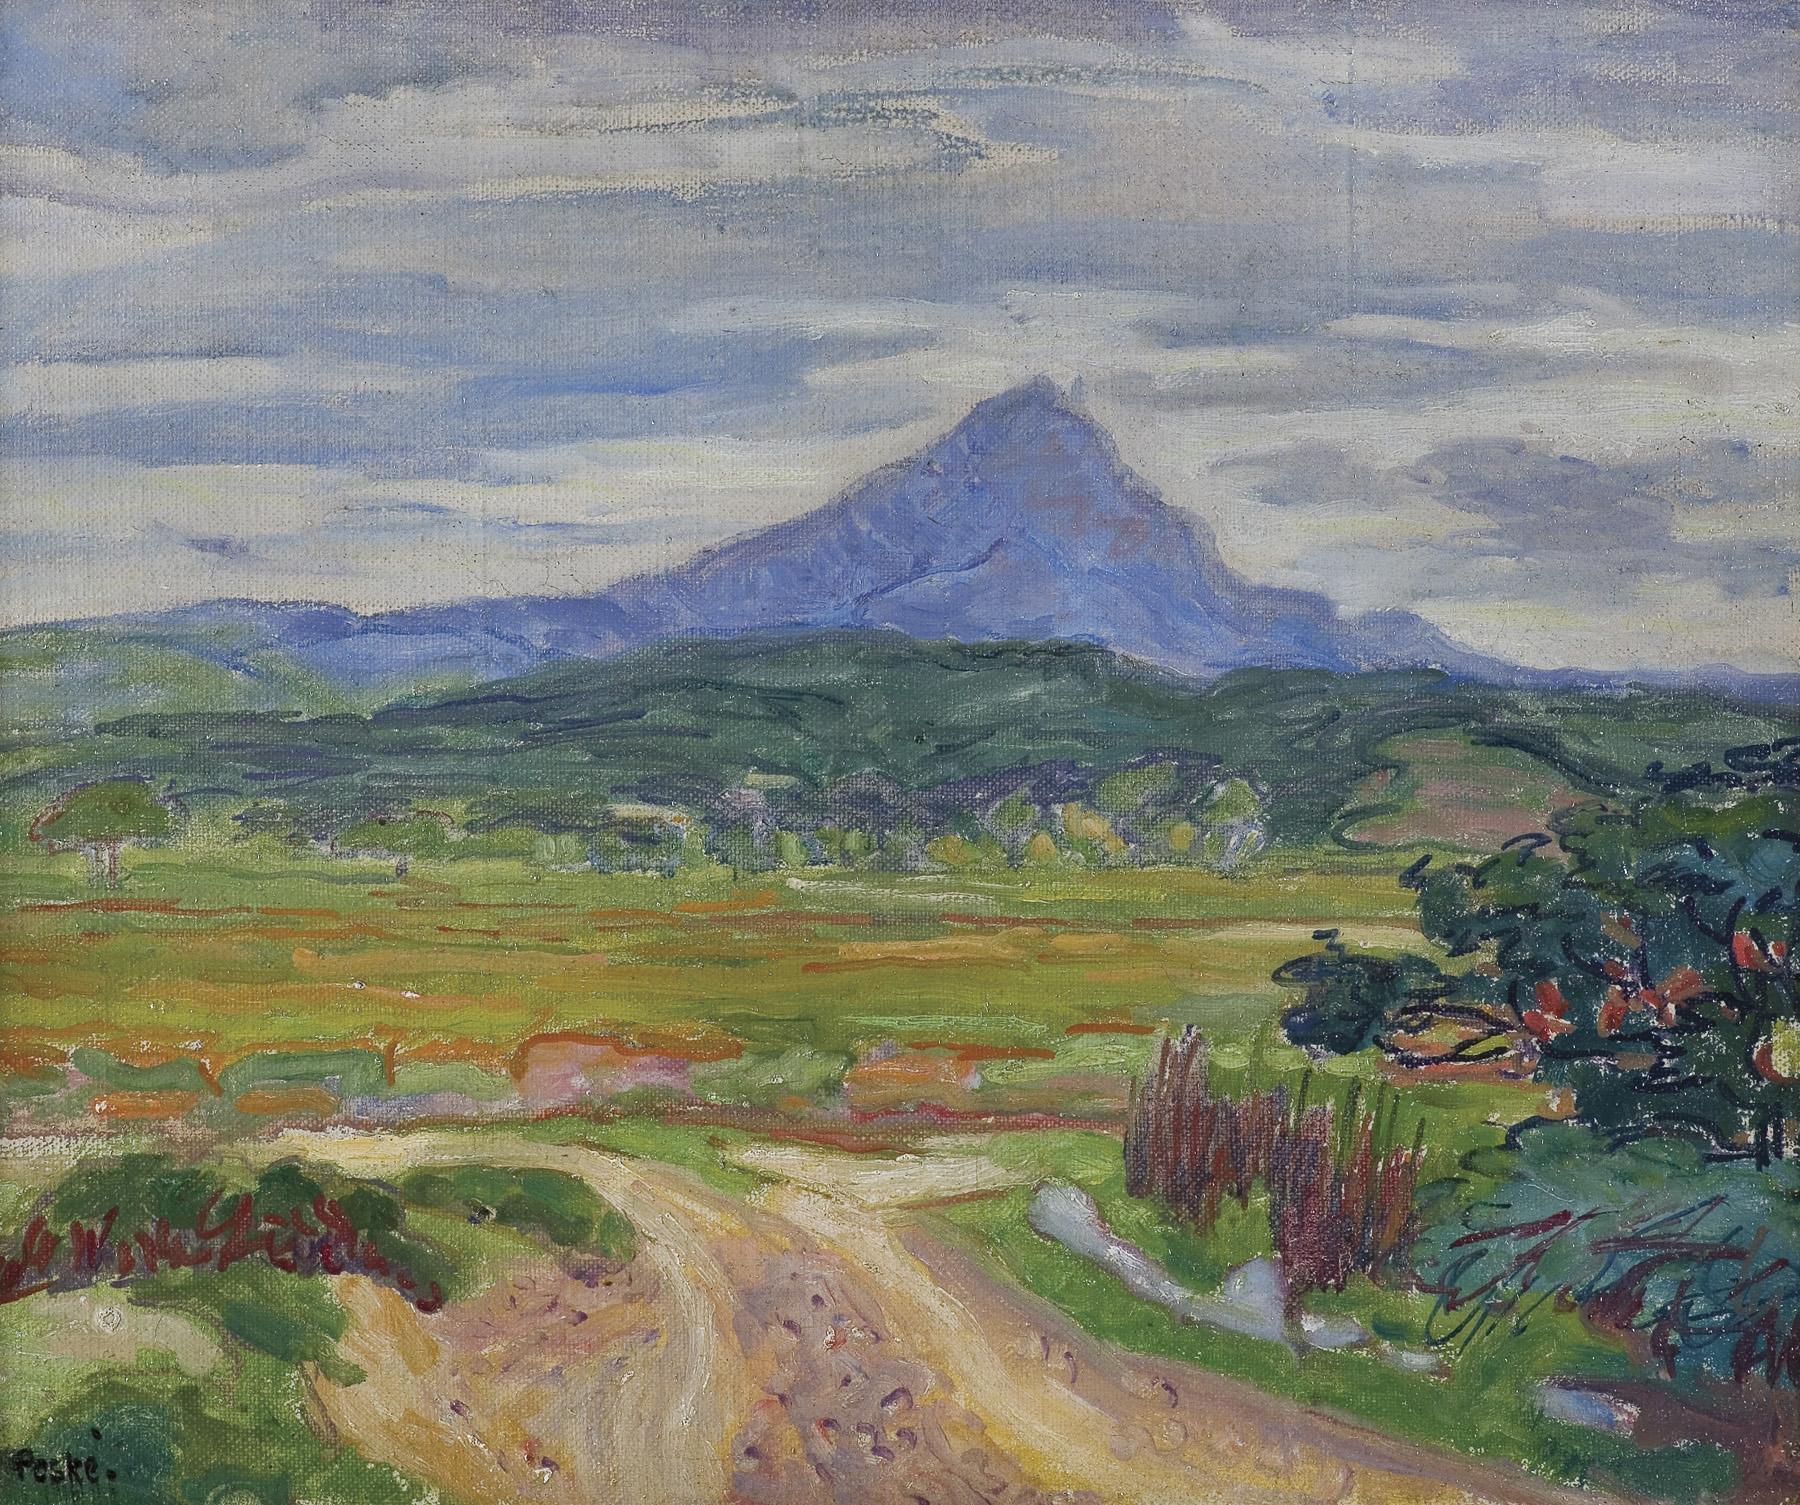 WIDOK NA SZCZYT CANIGOU, 1922